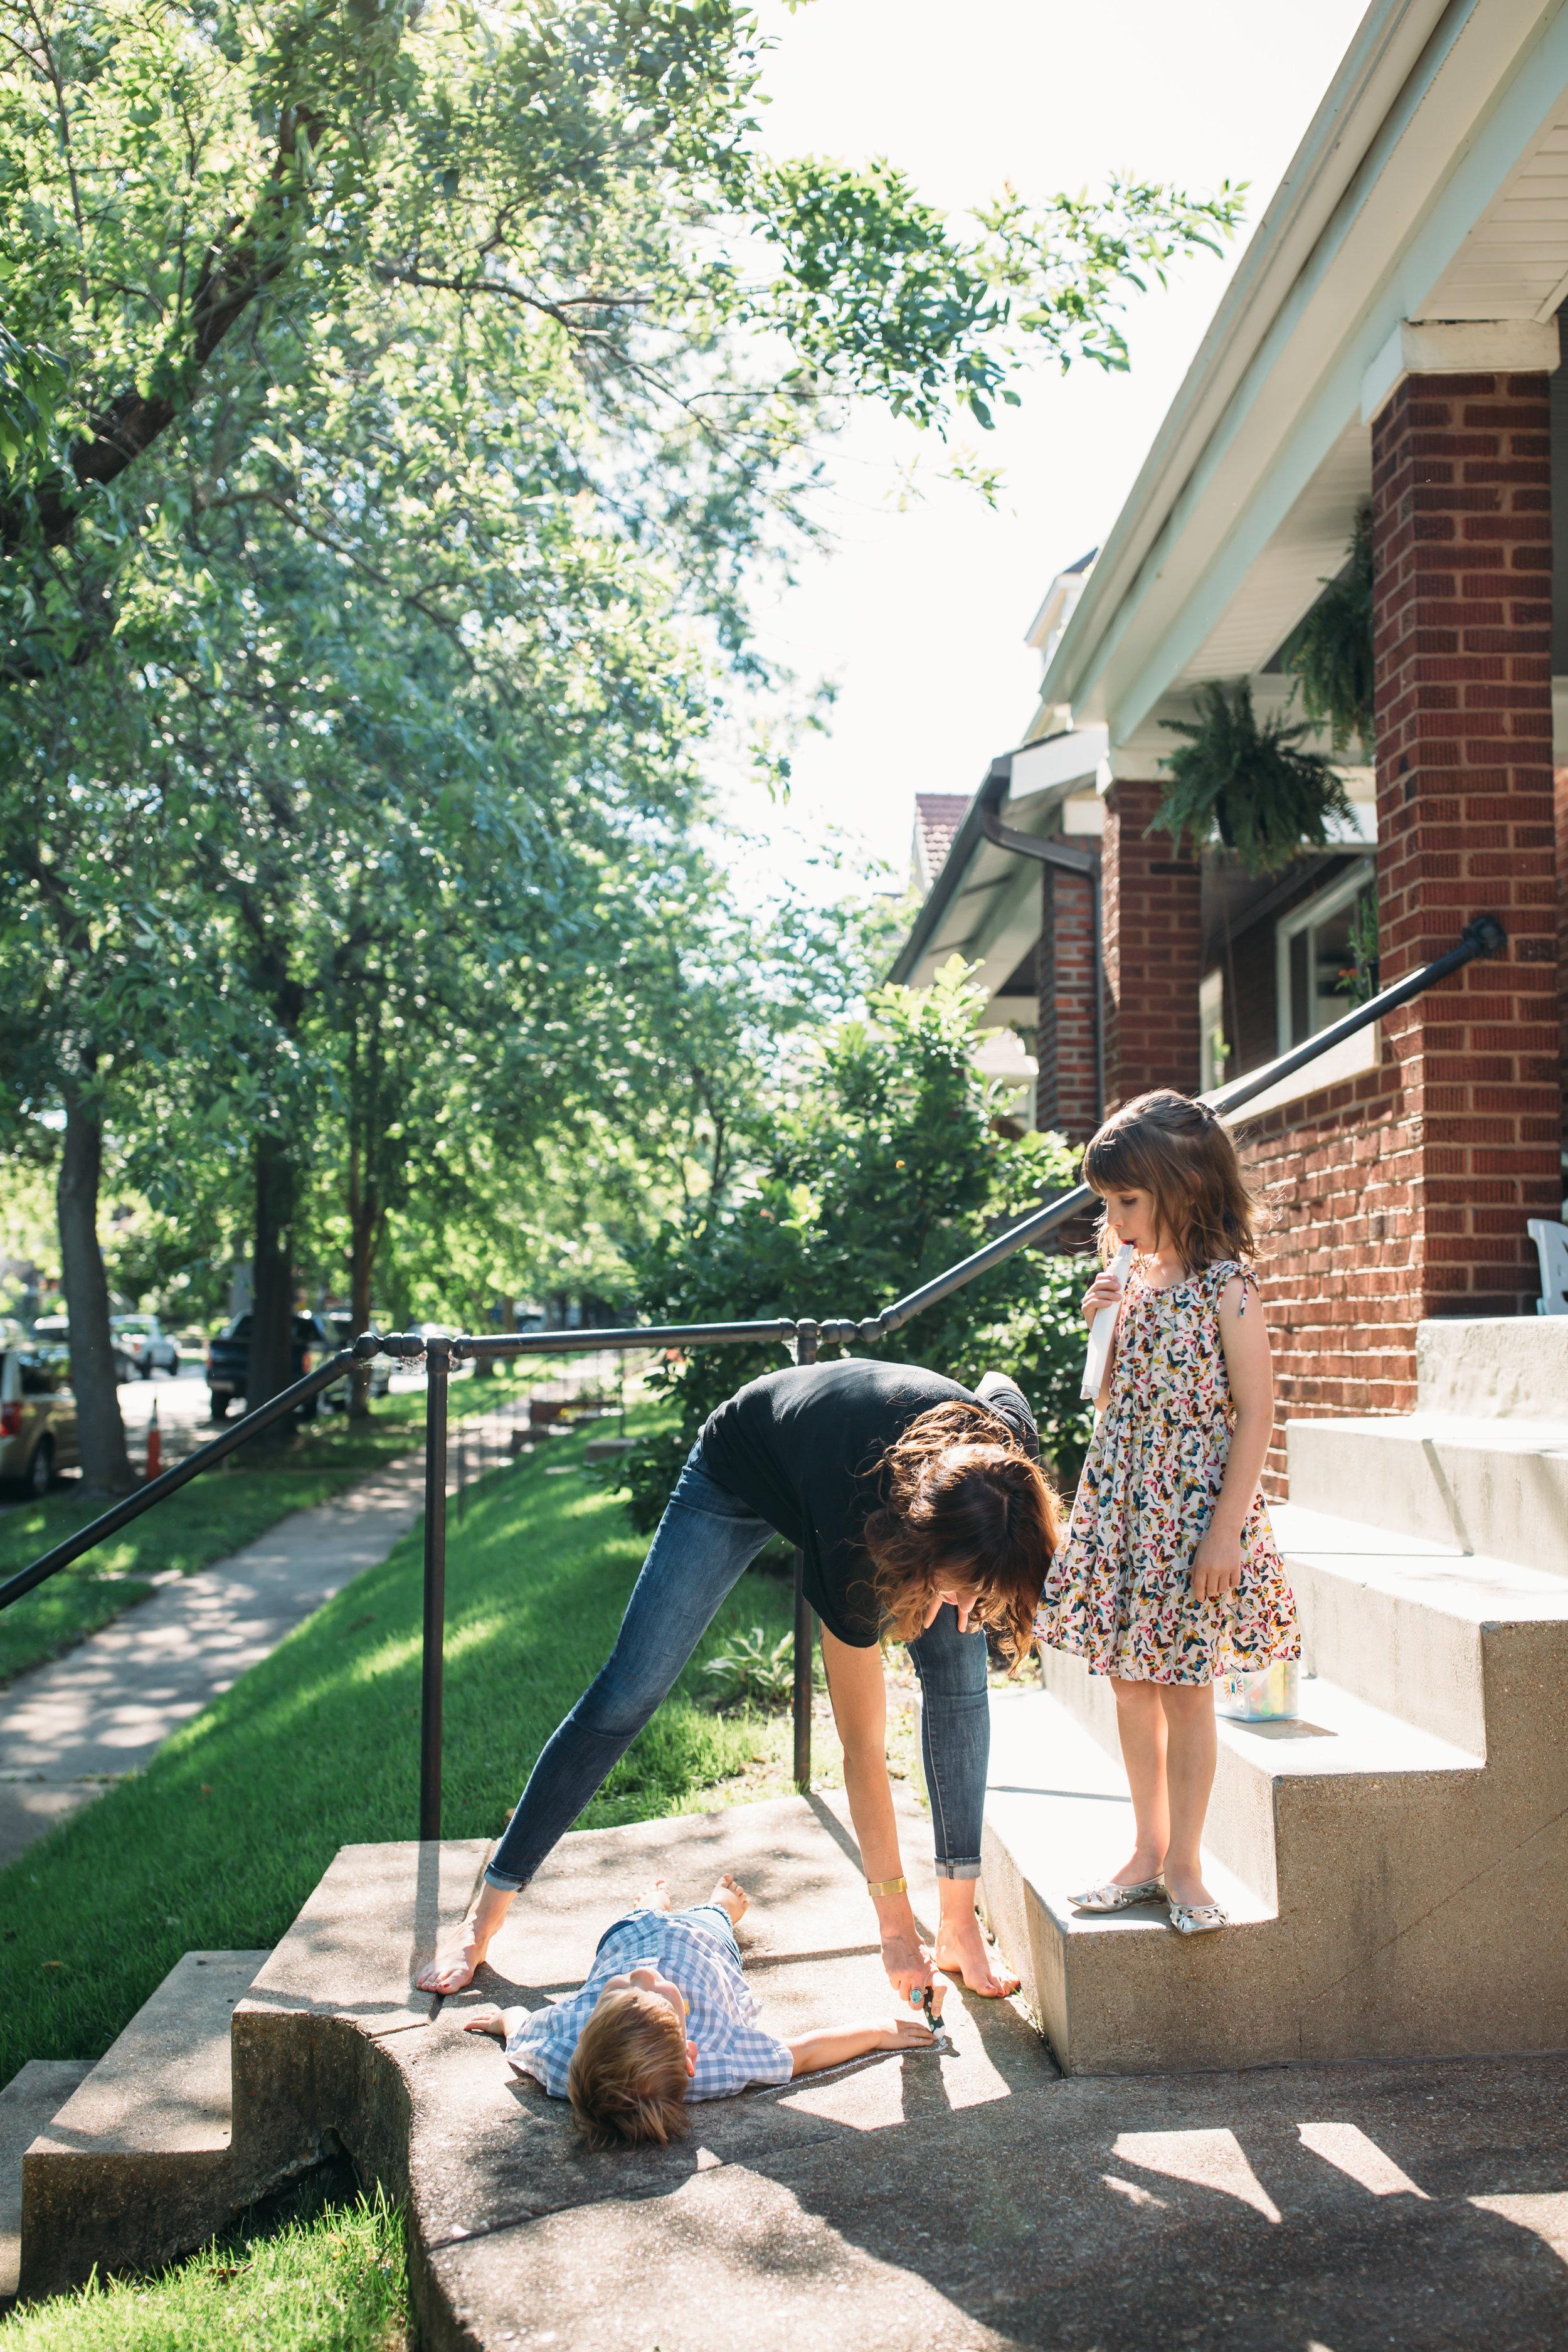 family photos denver, family photos in the city, family photography Chicago, fun family photos, relaxed family photos